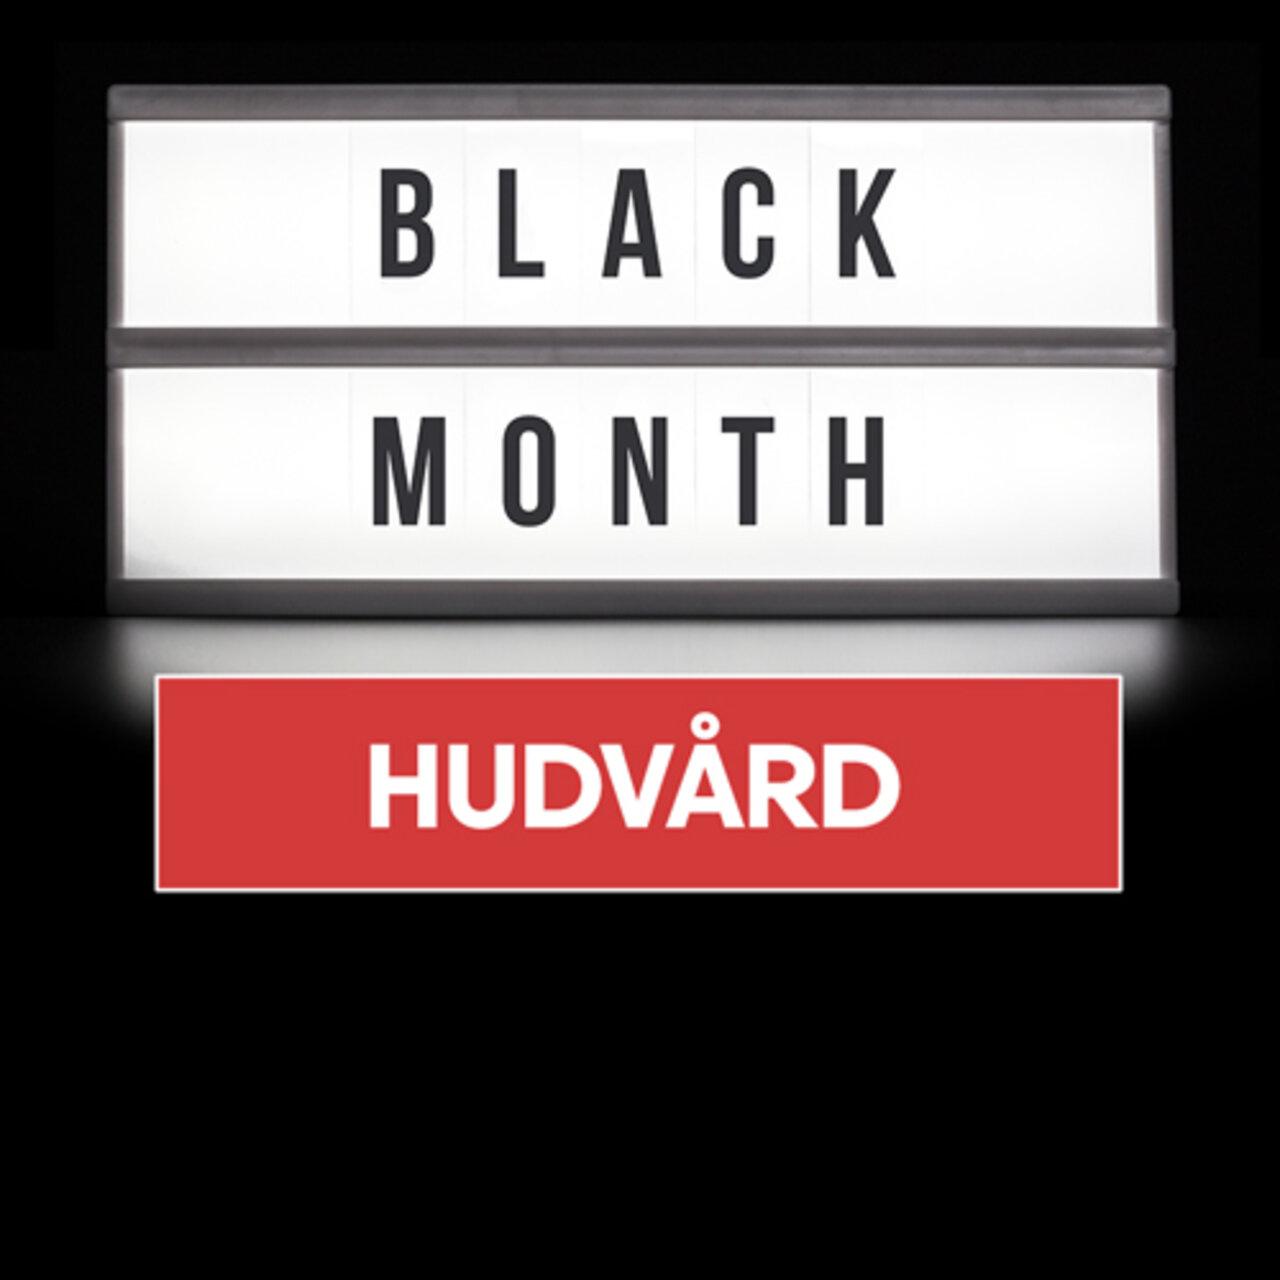 /hudvard?f_Other=Black%20Month